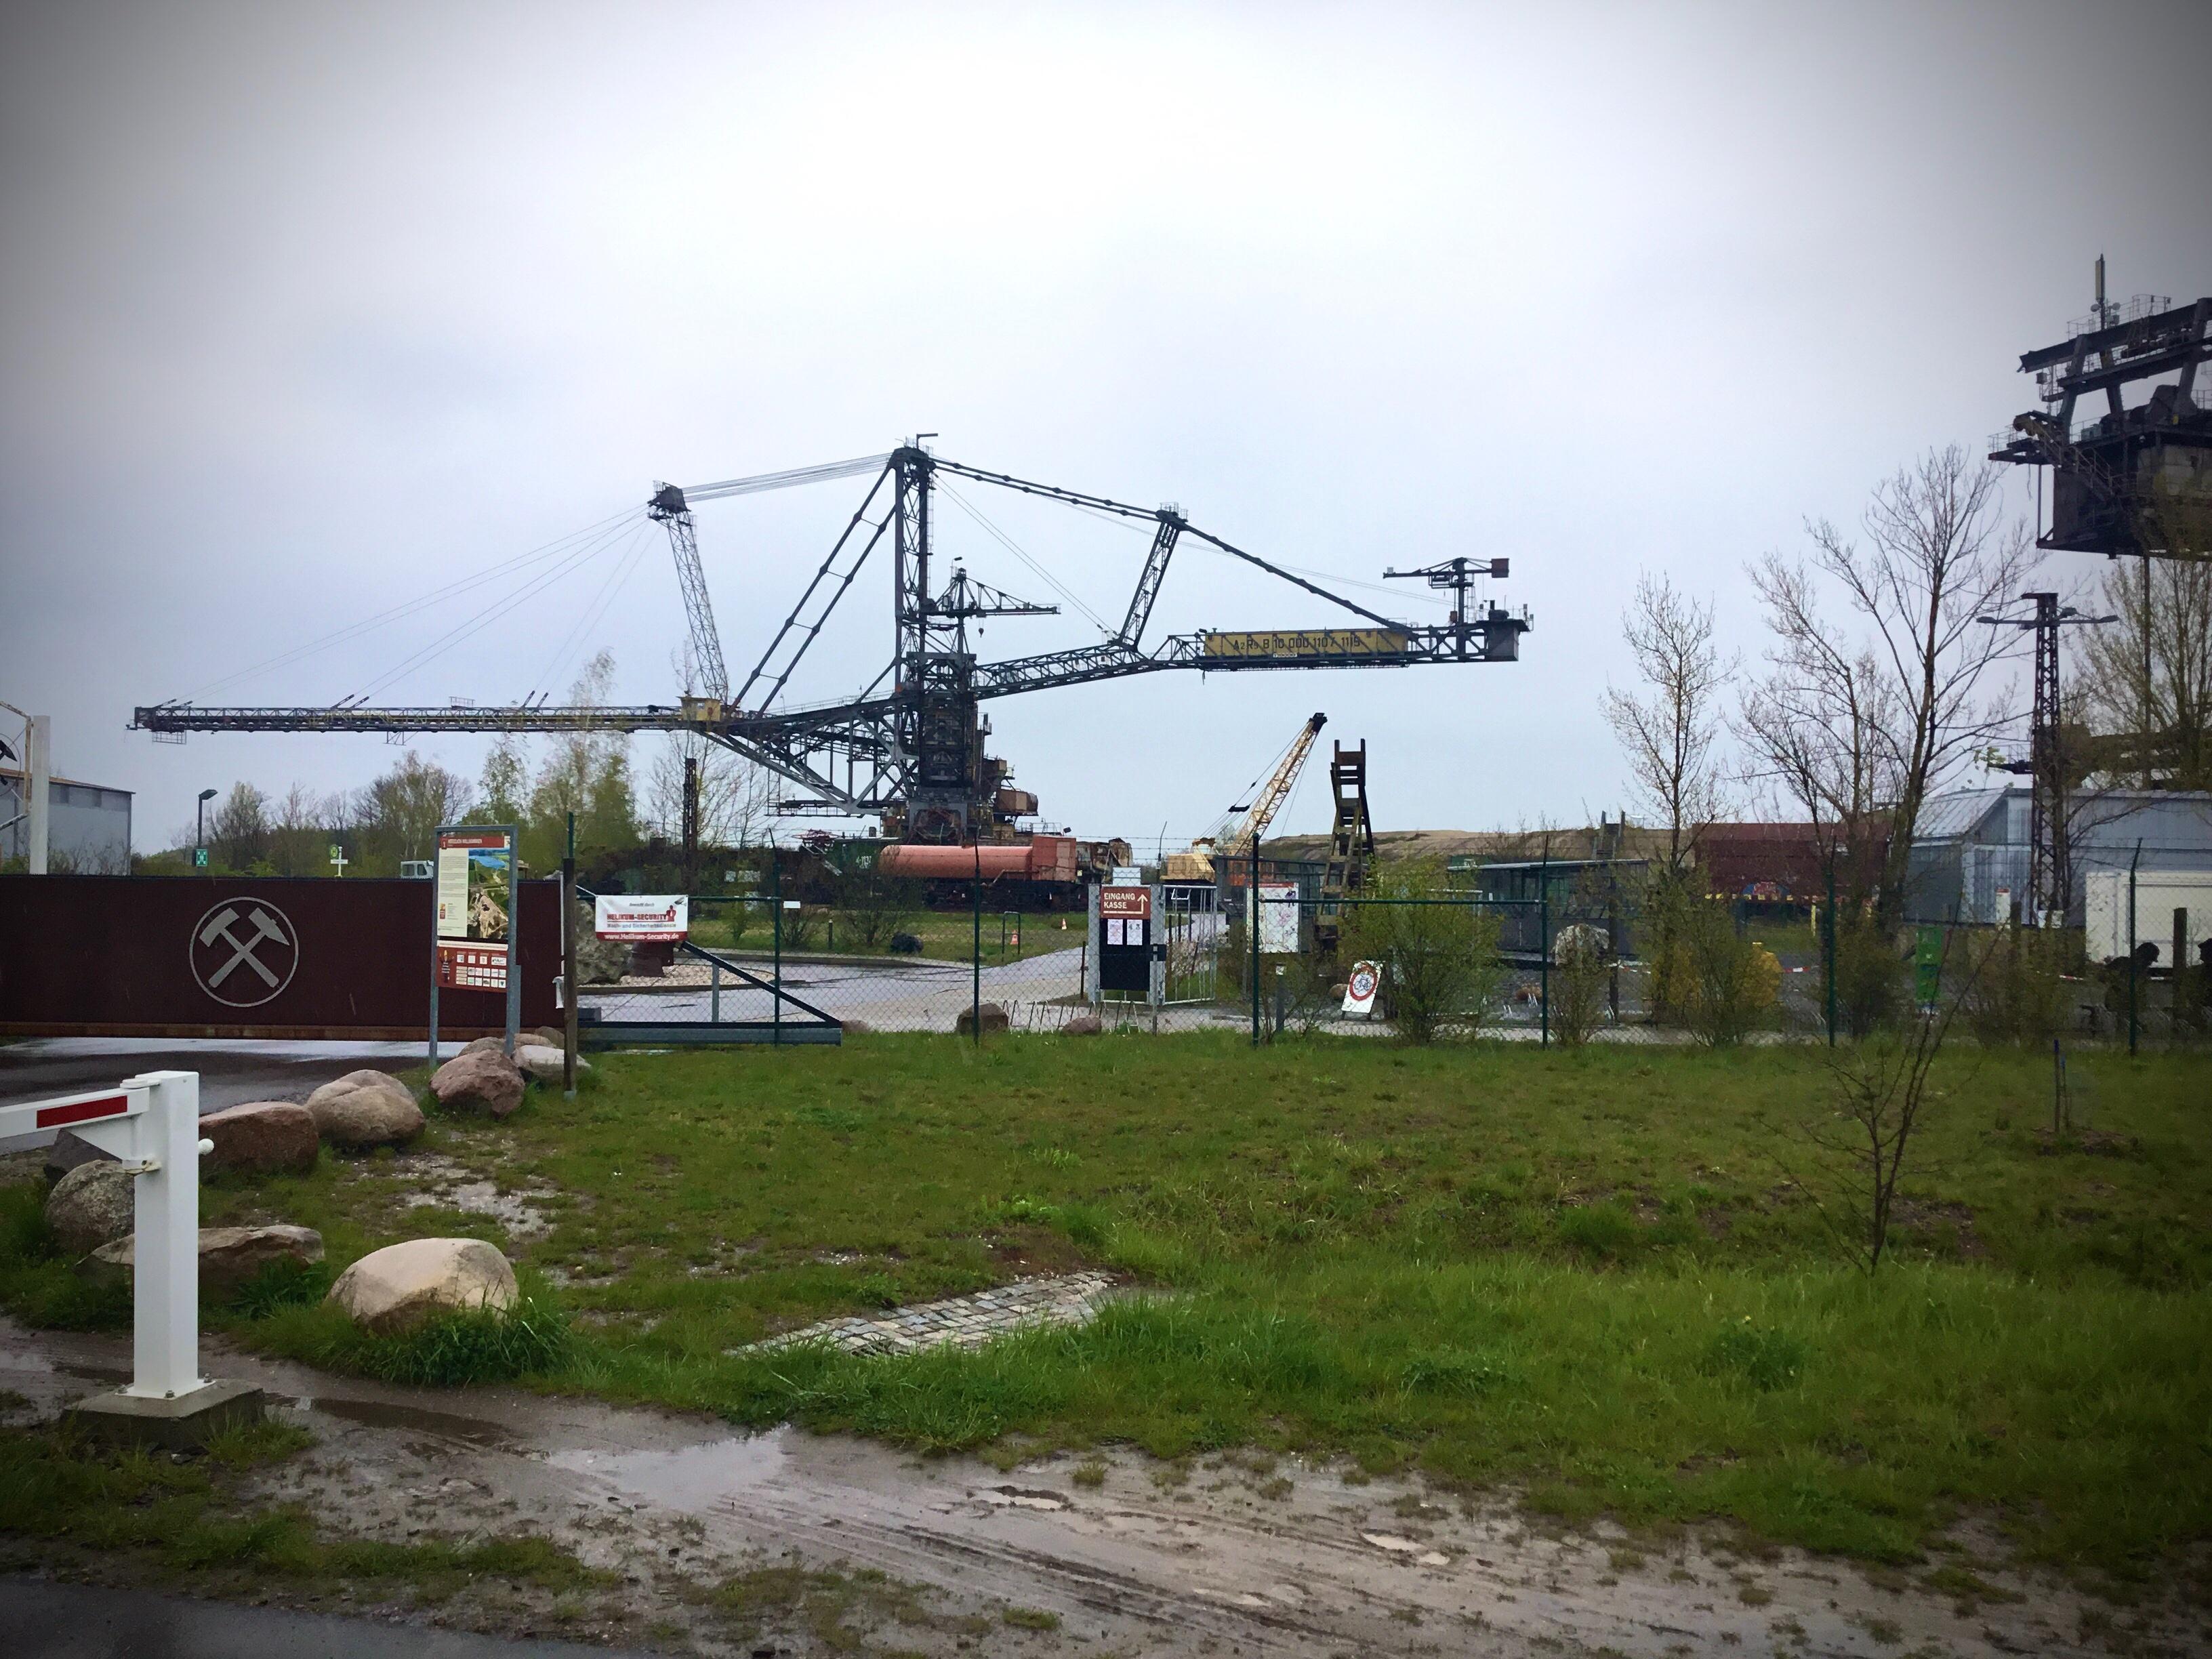 Industriedenkmal am ehemaligen Tagebau